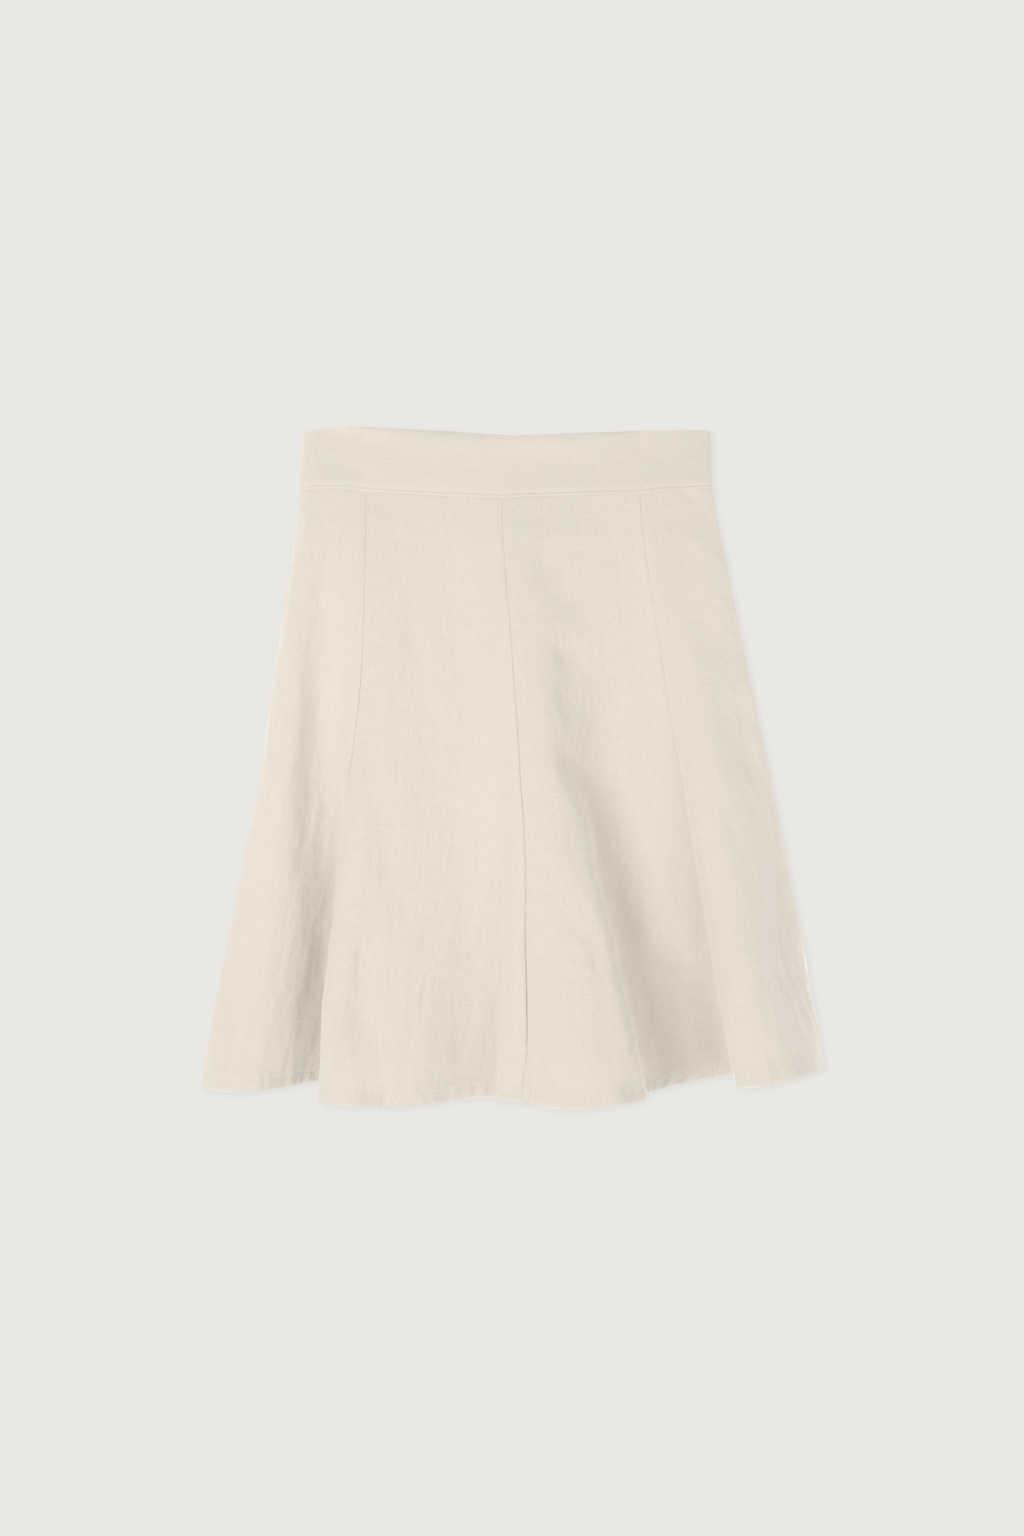 Skirt K022 Beige 7